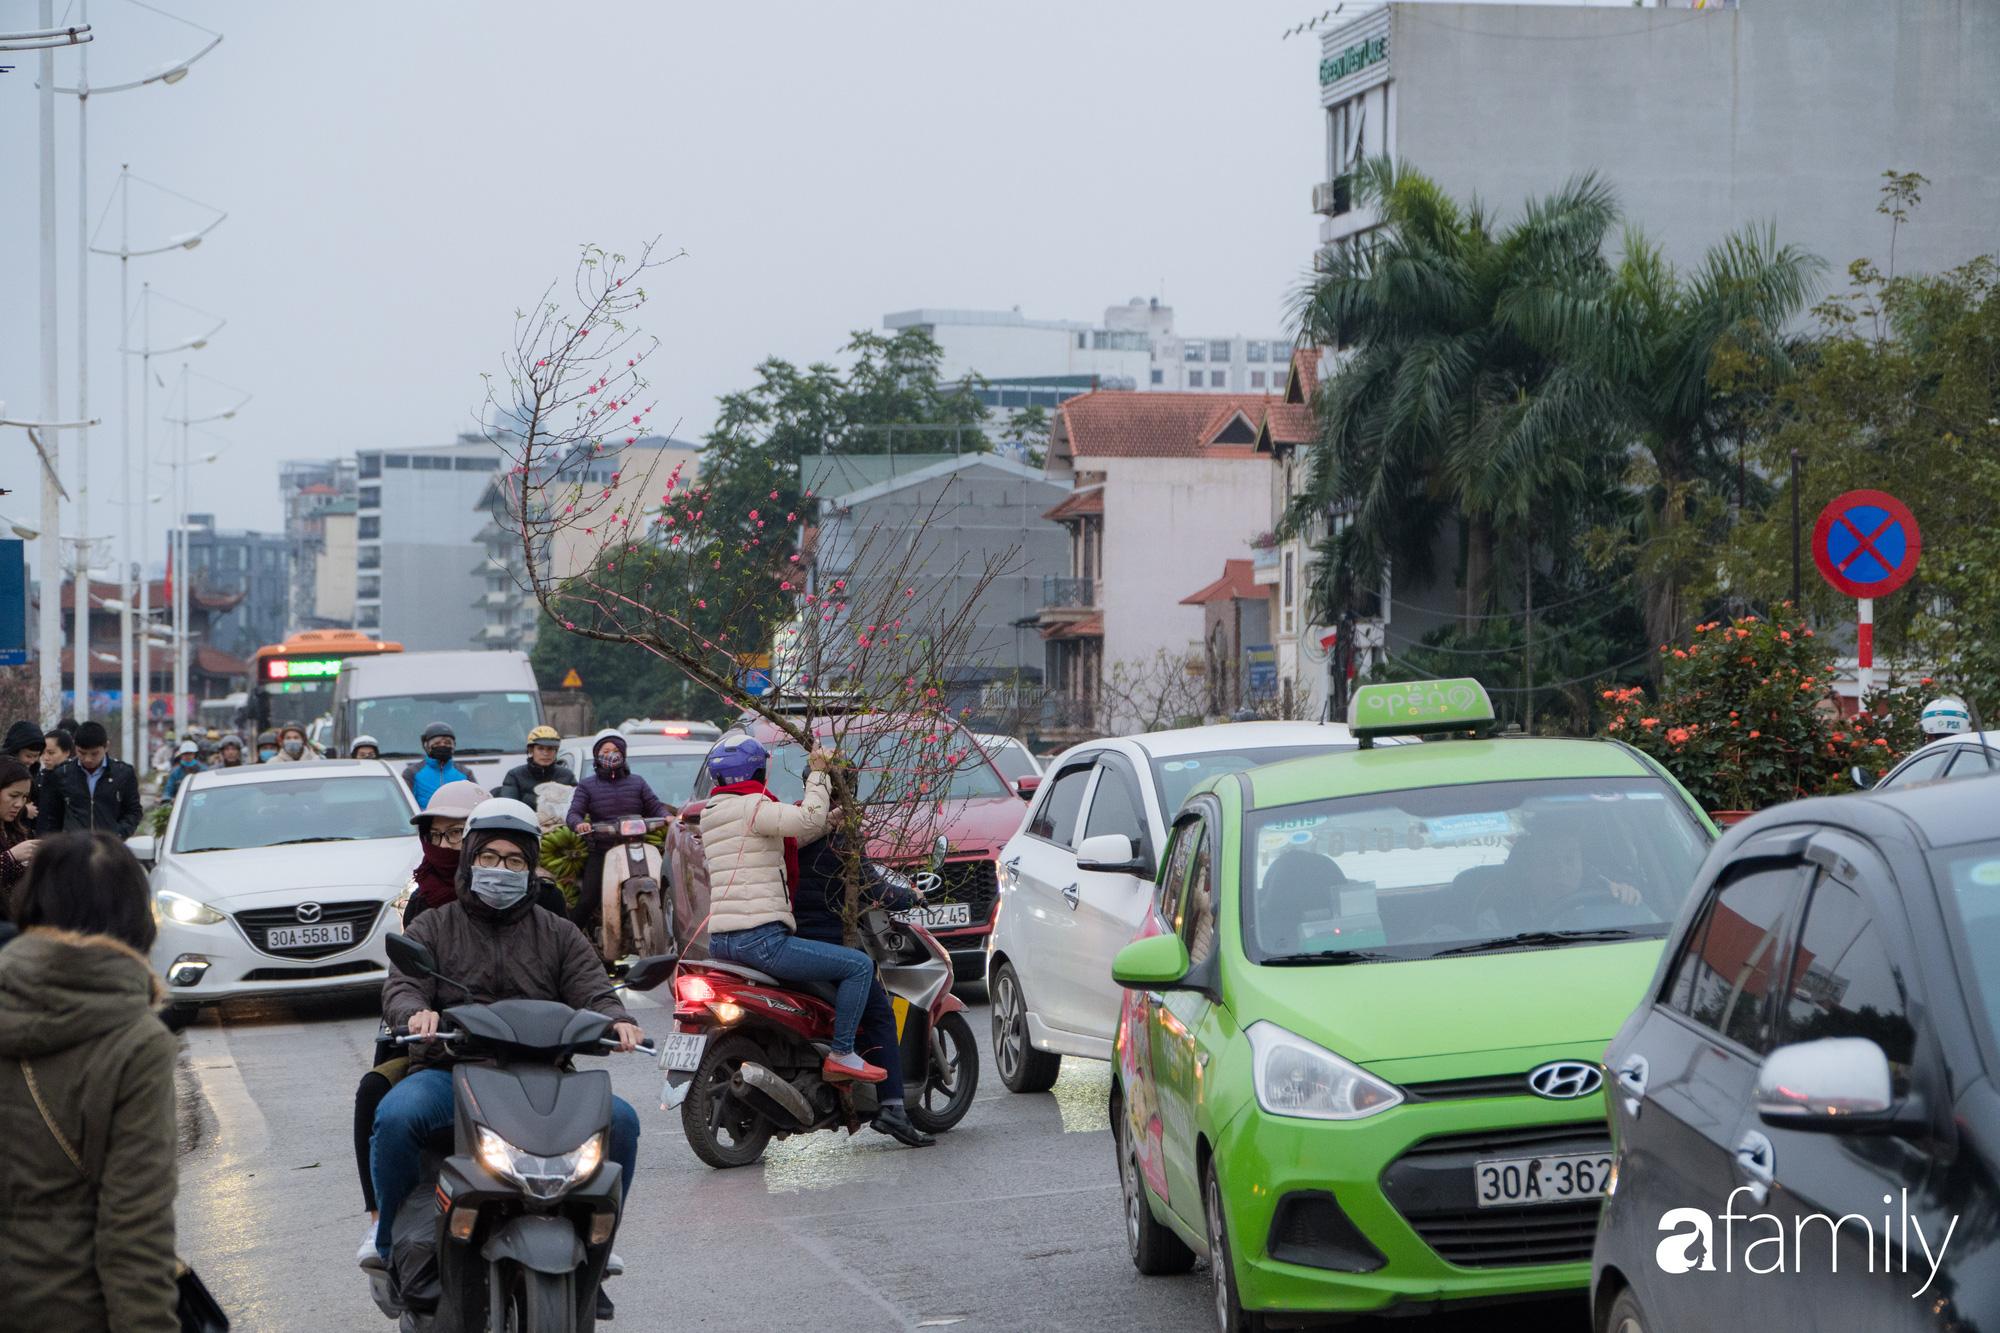 Những khoảnh khắc bình dị ngày cuối năm ở chợ hoa Quảng An, dù lạnh thấu xương nhưng người Hà Nội vẫn nô nức sắm hoa chơi Tết - Ảnh 6.